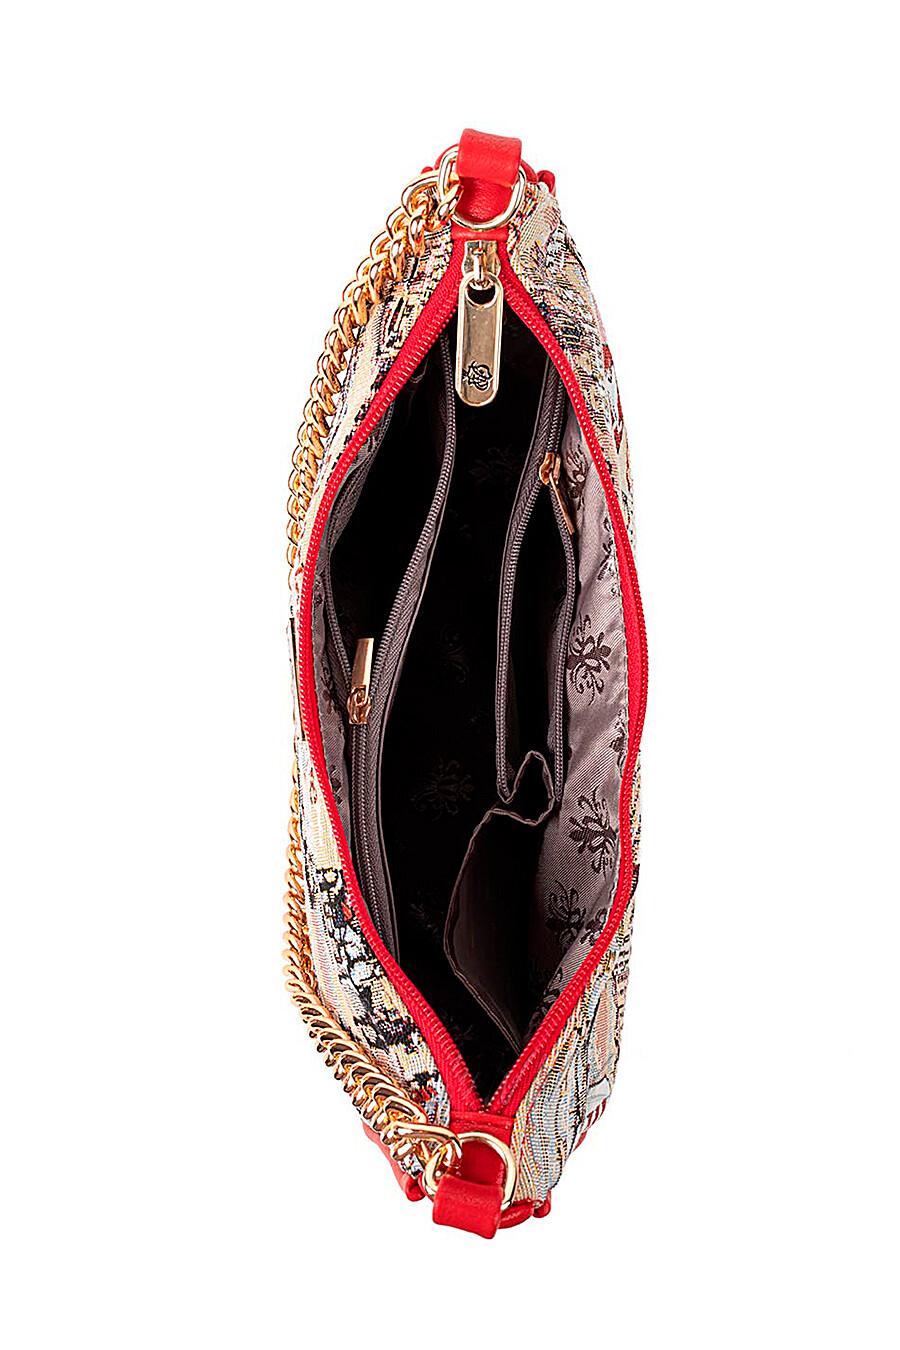 Сумка для женщин L-CRAFT 668279 купить оптом от производителя. Совместная покупка женской одежды в OptMoyo